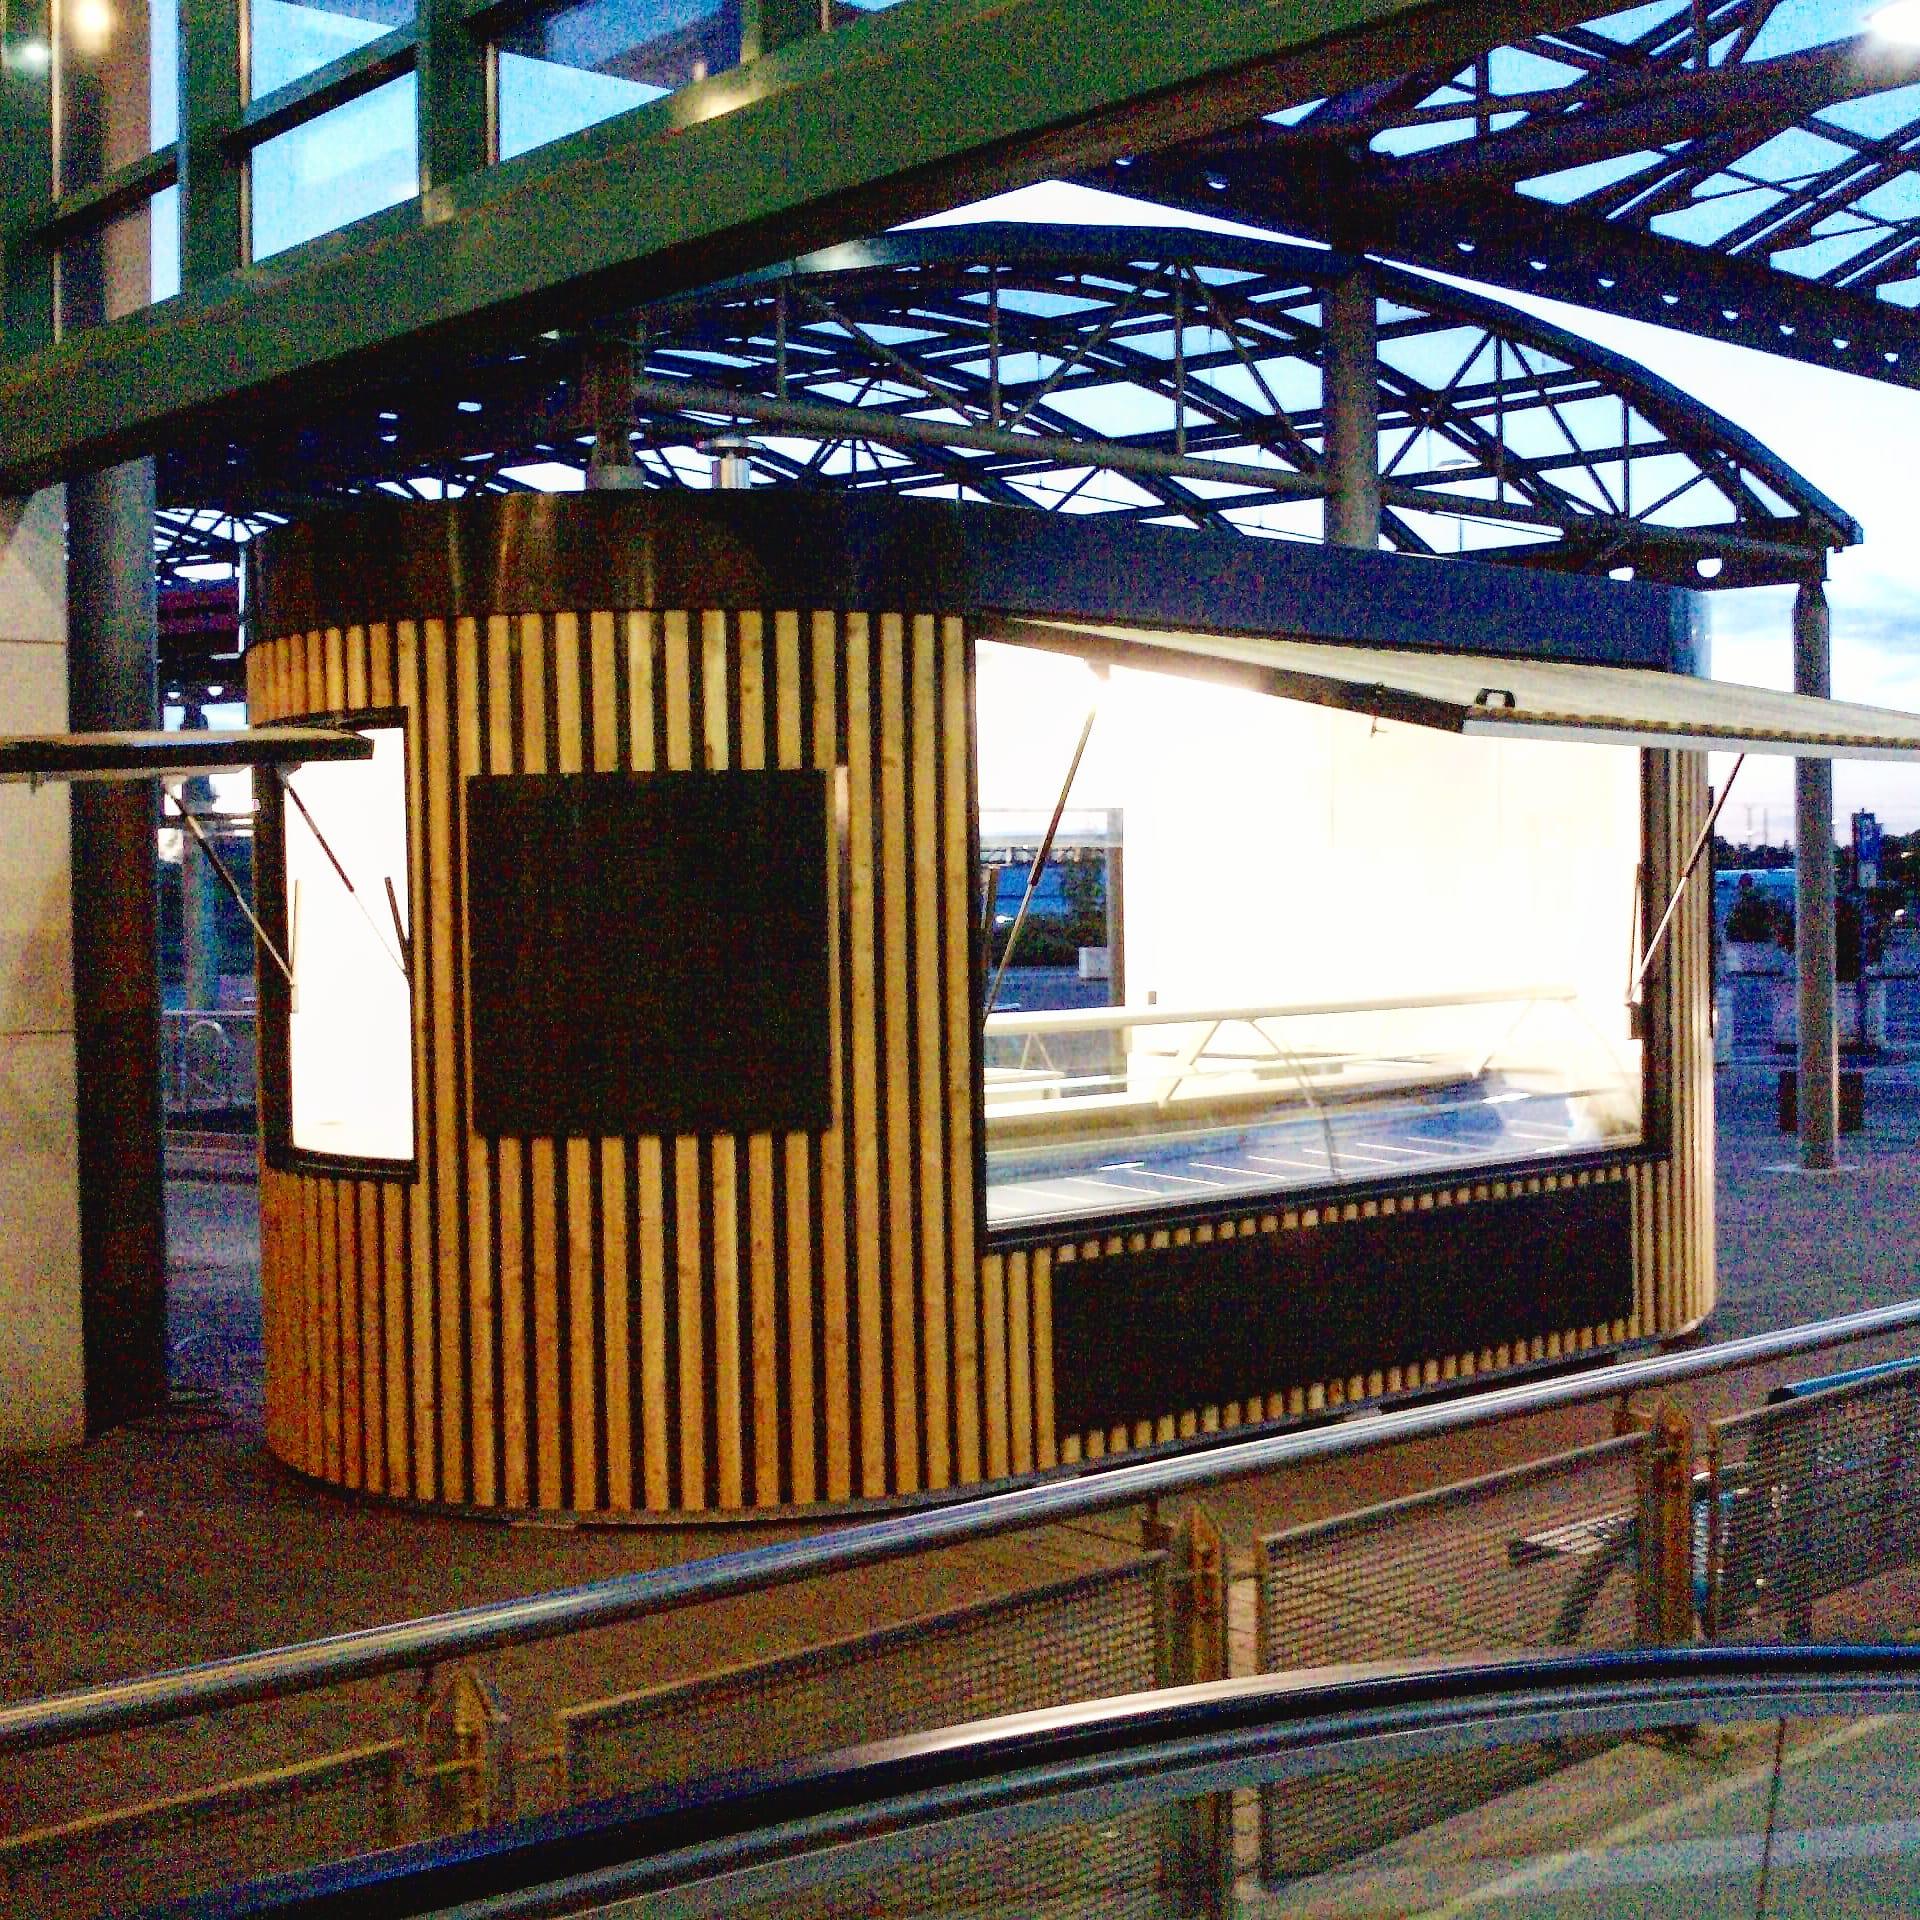 Kiosk Pavillon Imbiss Verkaufsstand Bäcker Brötchen Bahnsteig Bahnhof Holz